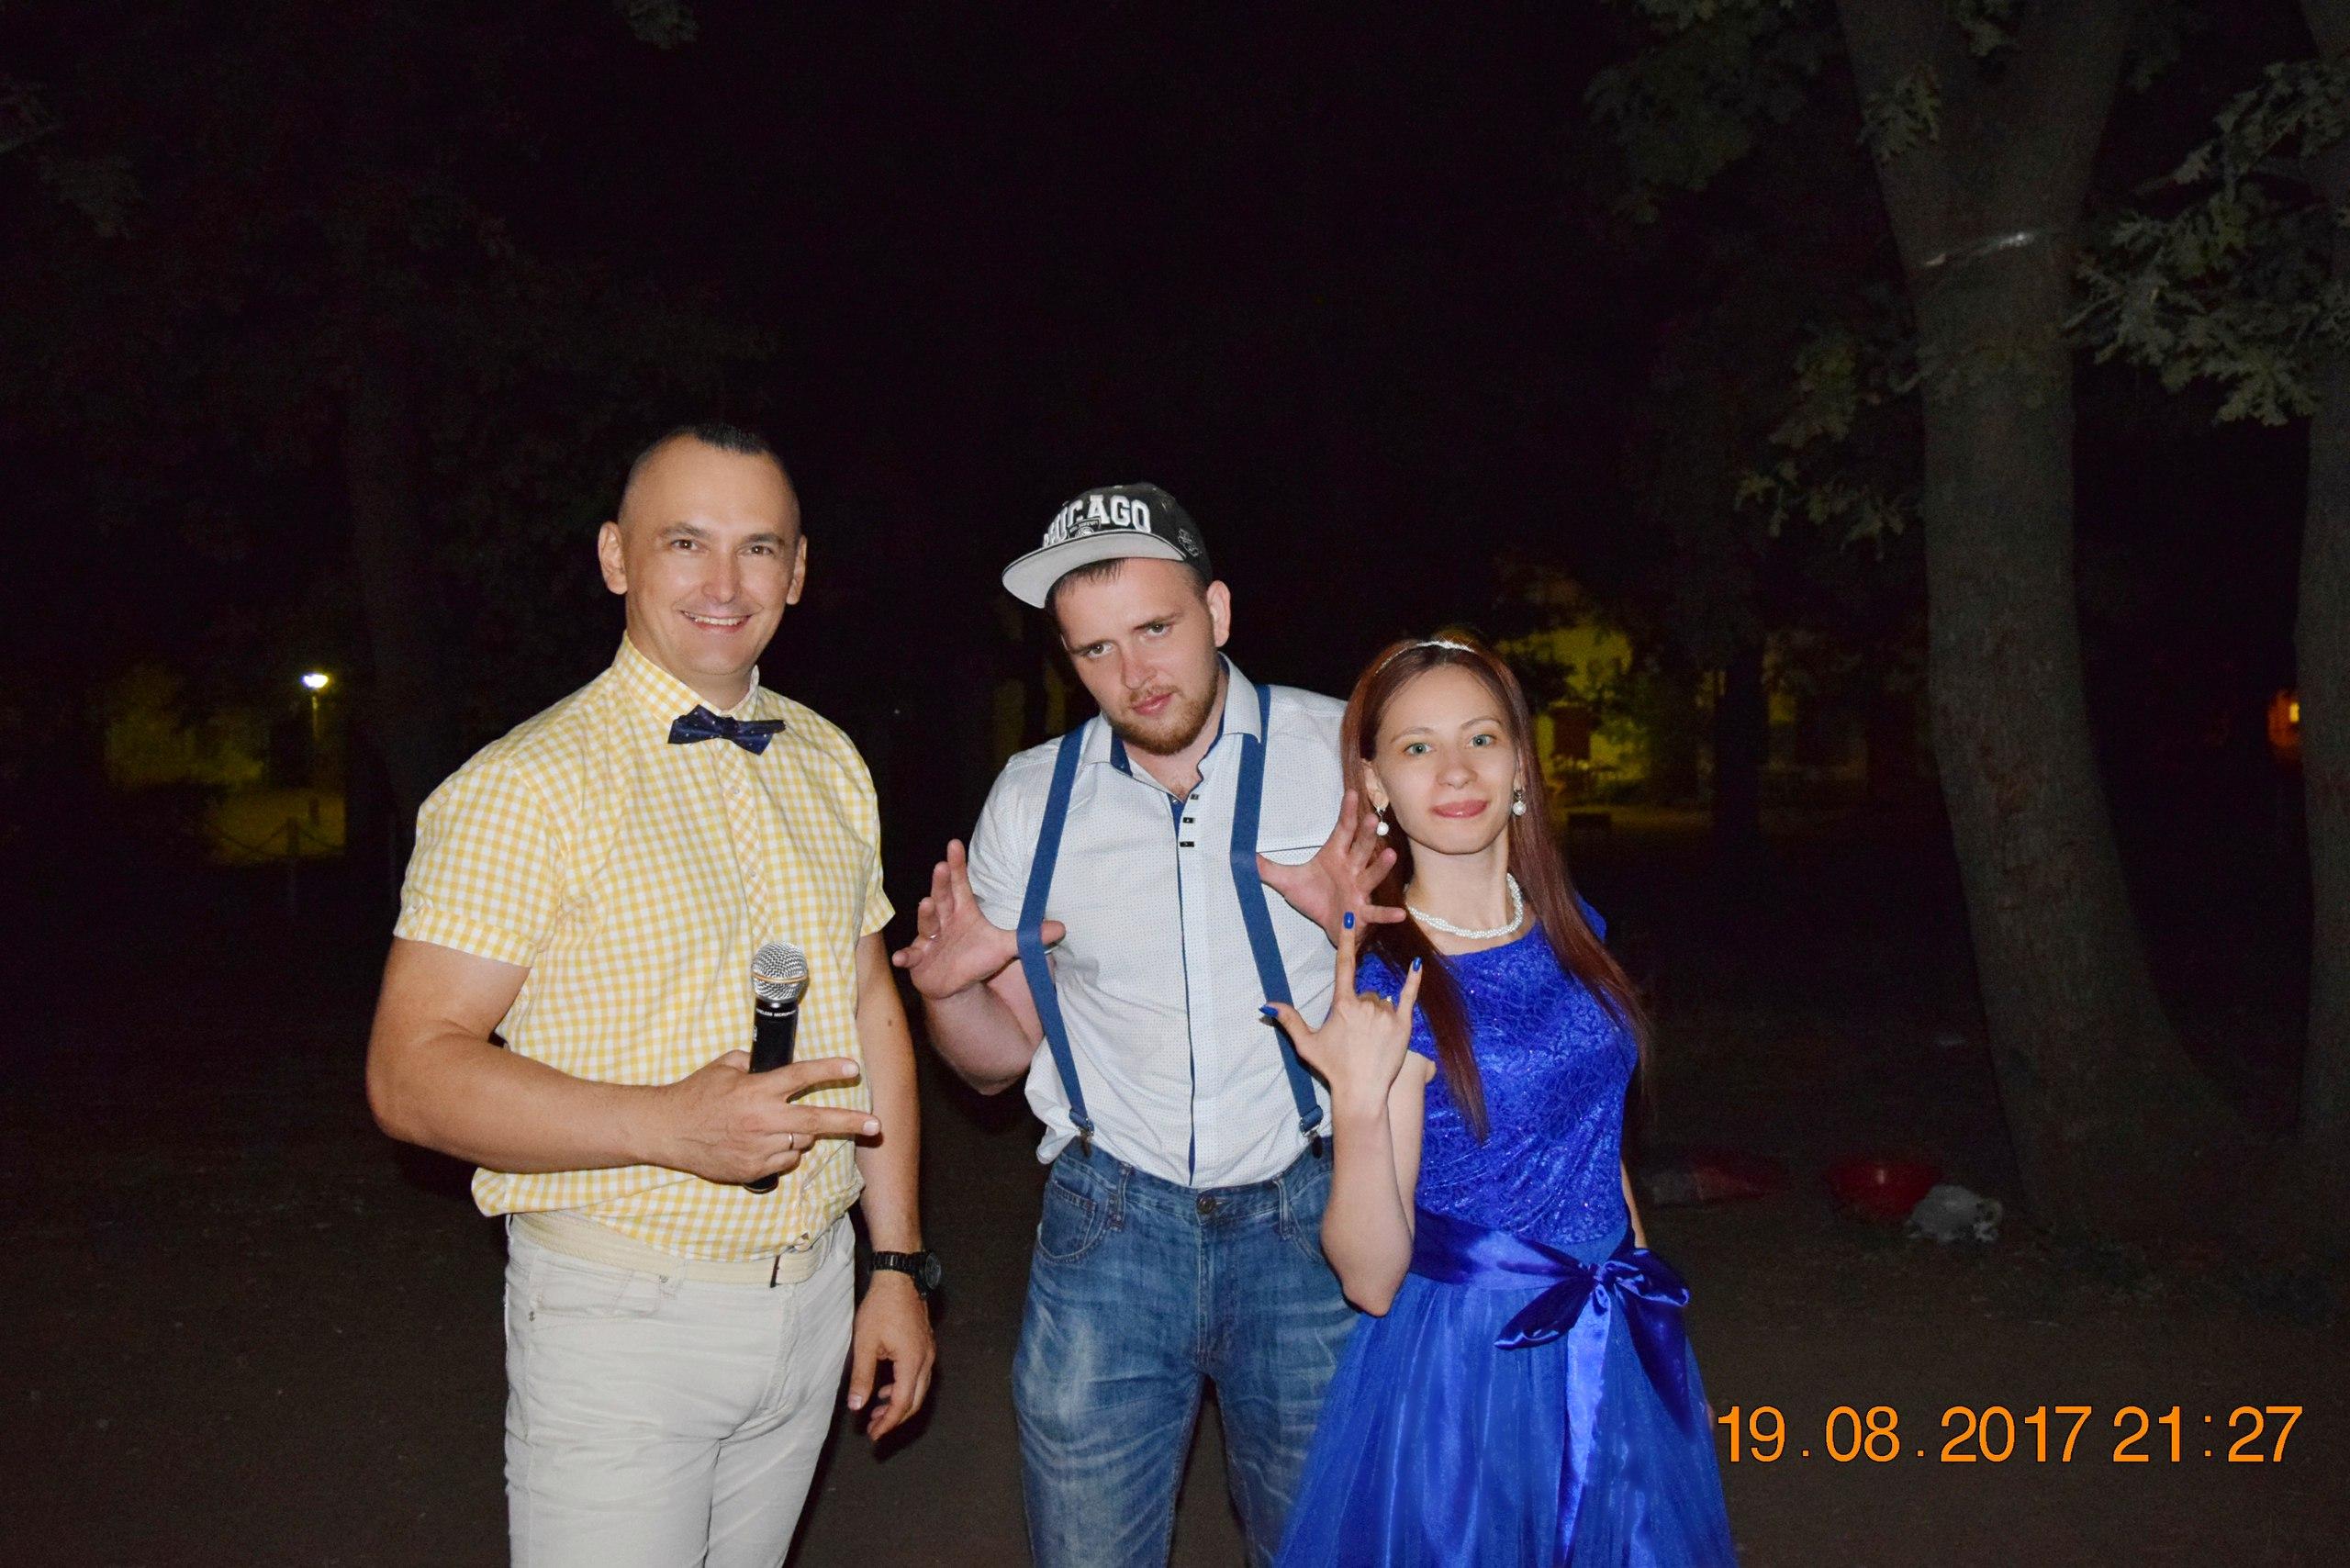 20 августа 2017 г. Волгоград. т/б Диамант. Проведение свадебного торжества Дмитрия и Ангелины. Пусть все Ваши мечты сбываются! Будьте счастливы!